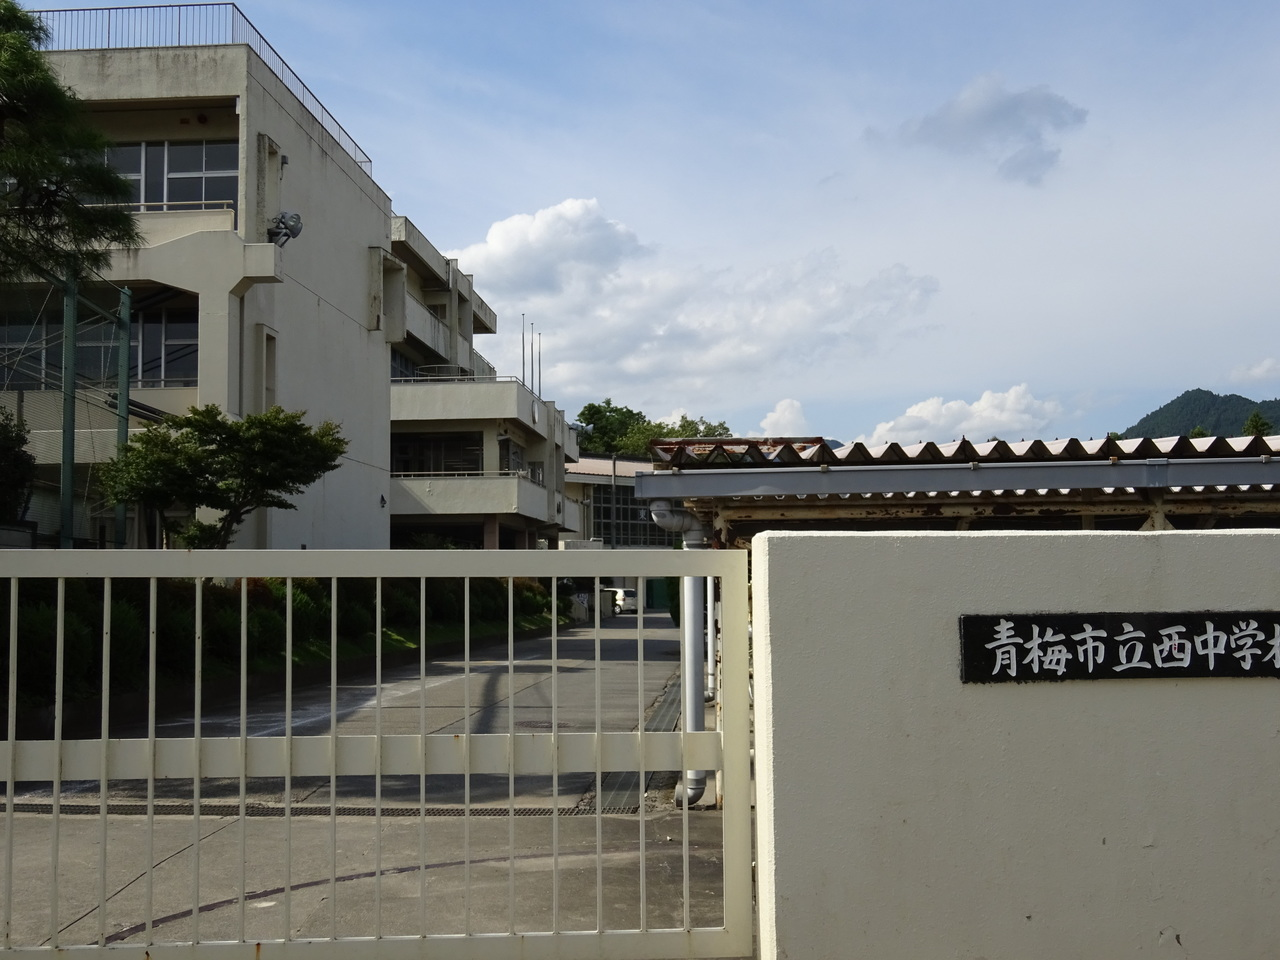 【中学校】青梅市立西中学校より徒歩約44分(約3500m)